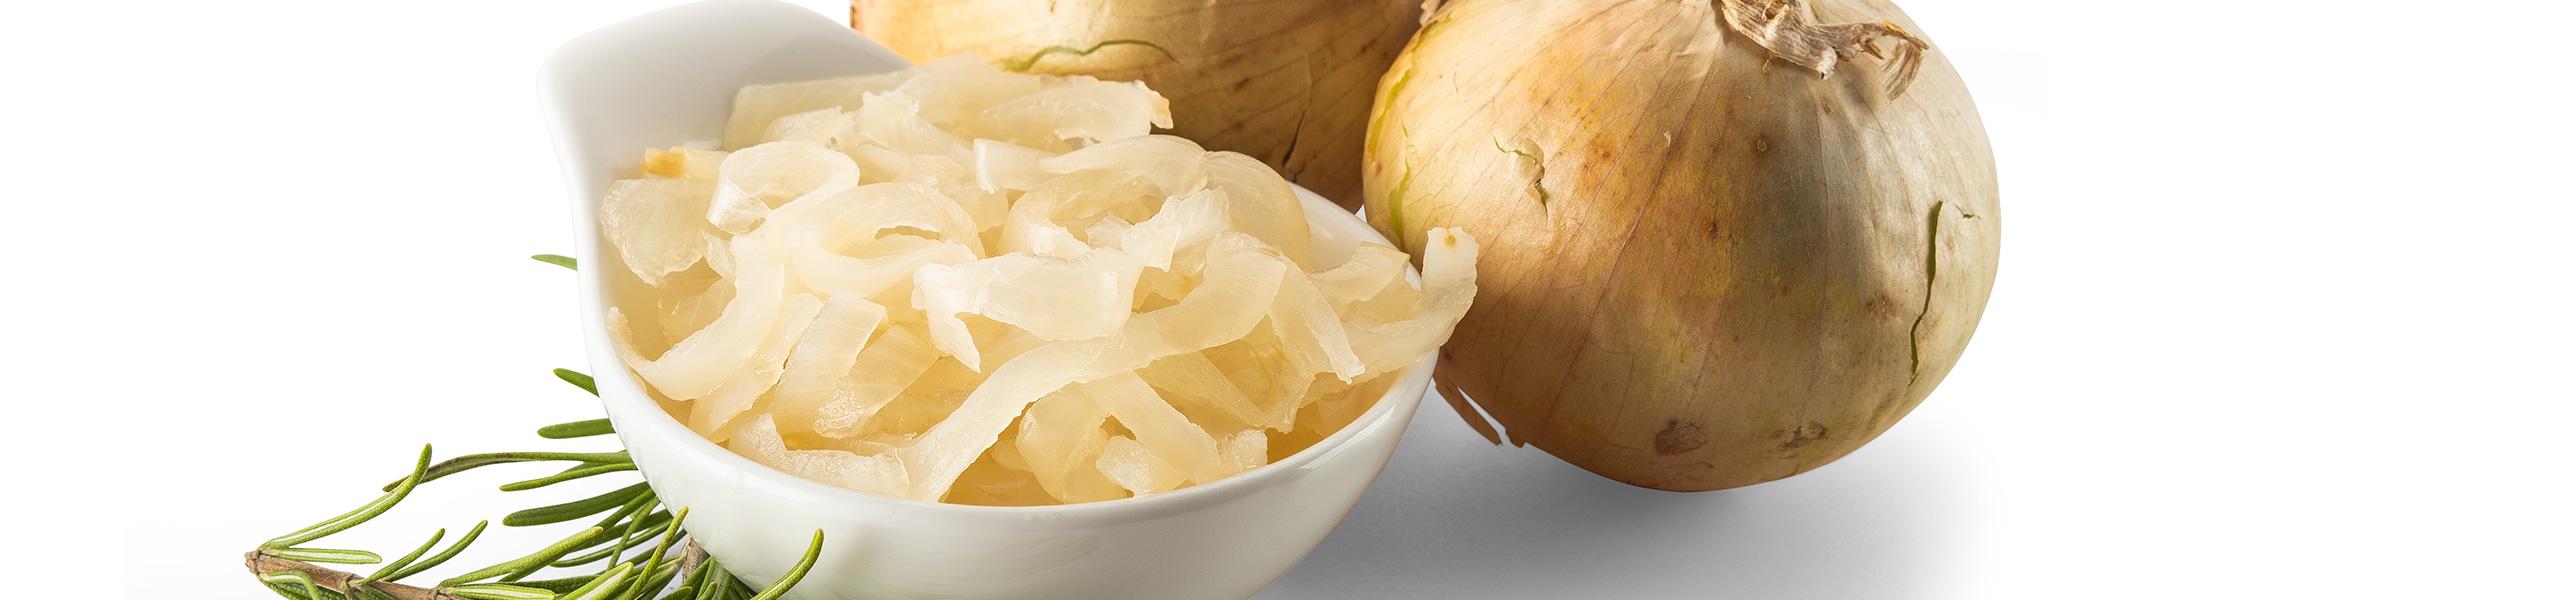 Cipolle Borretane affettate al naturale